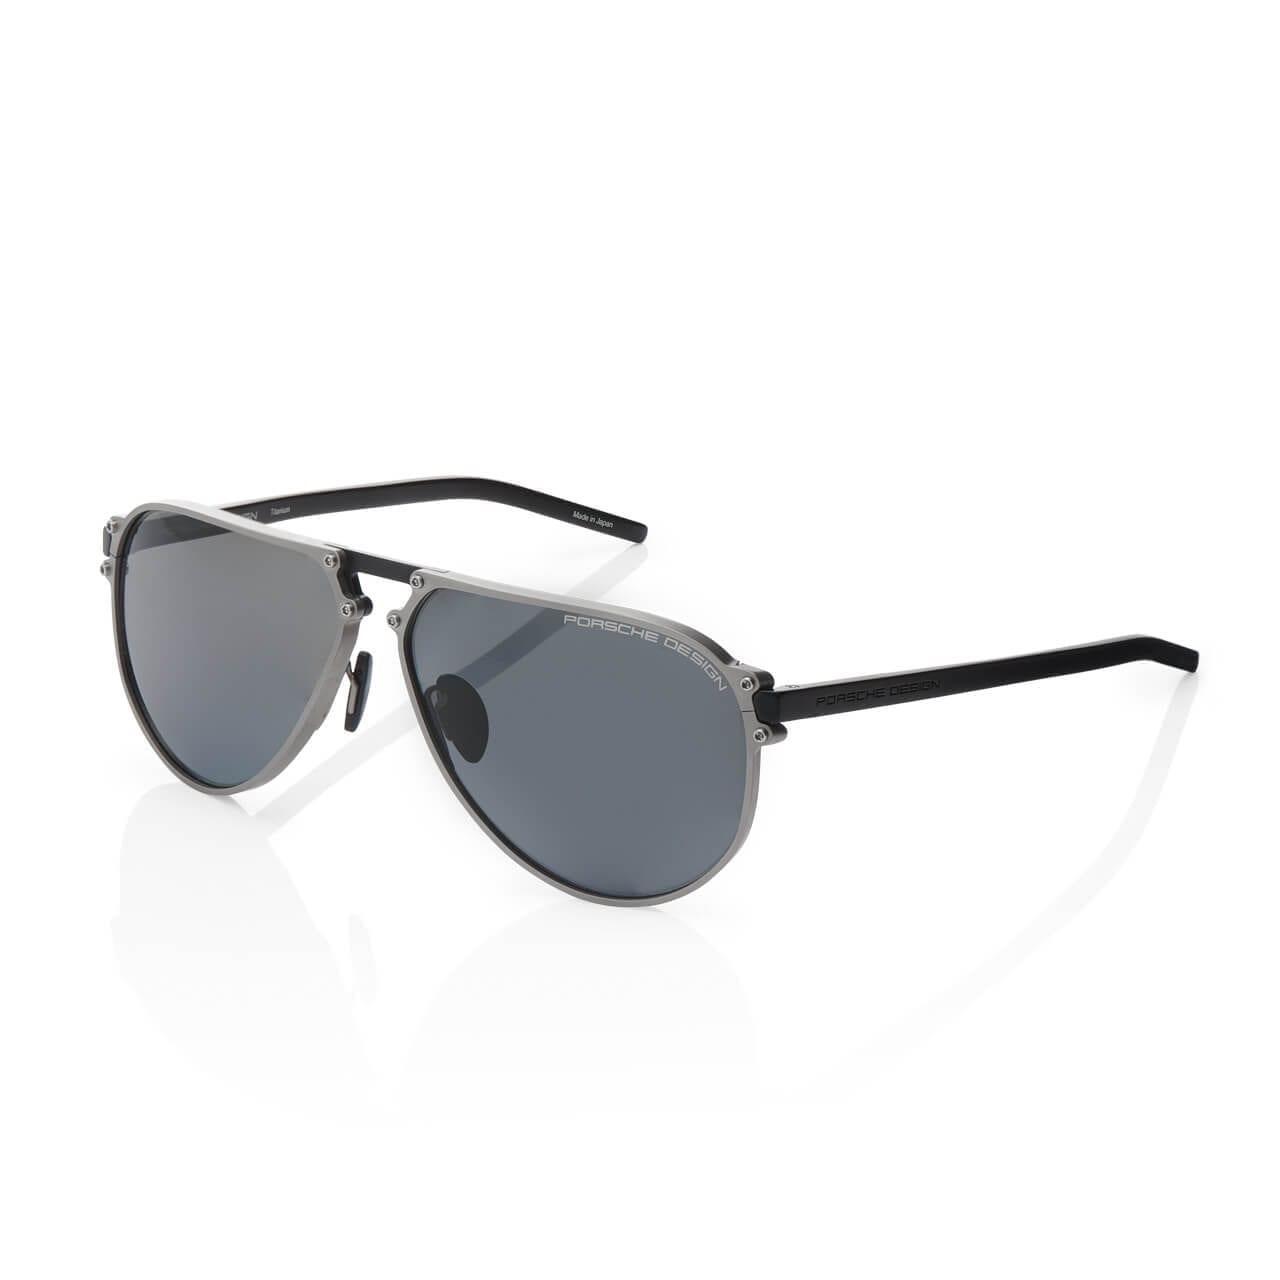 Τα νέα Porsche Design γυαλιά ηλίου